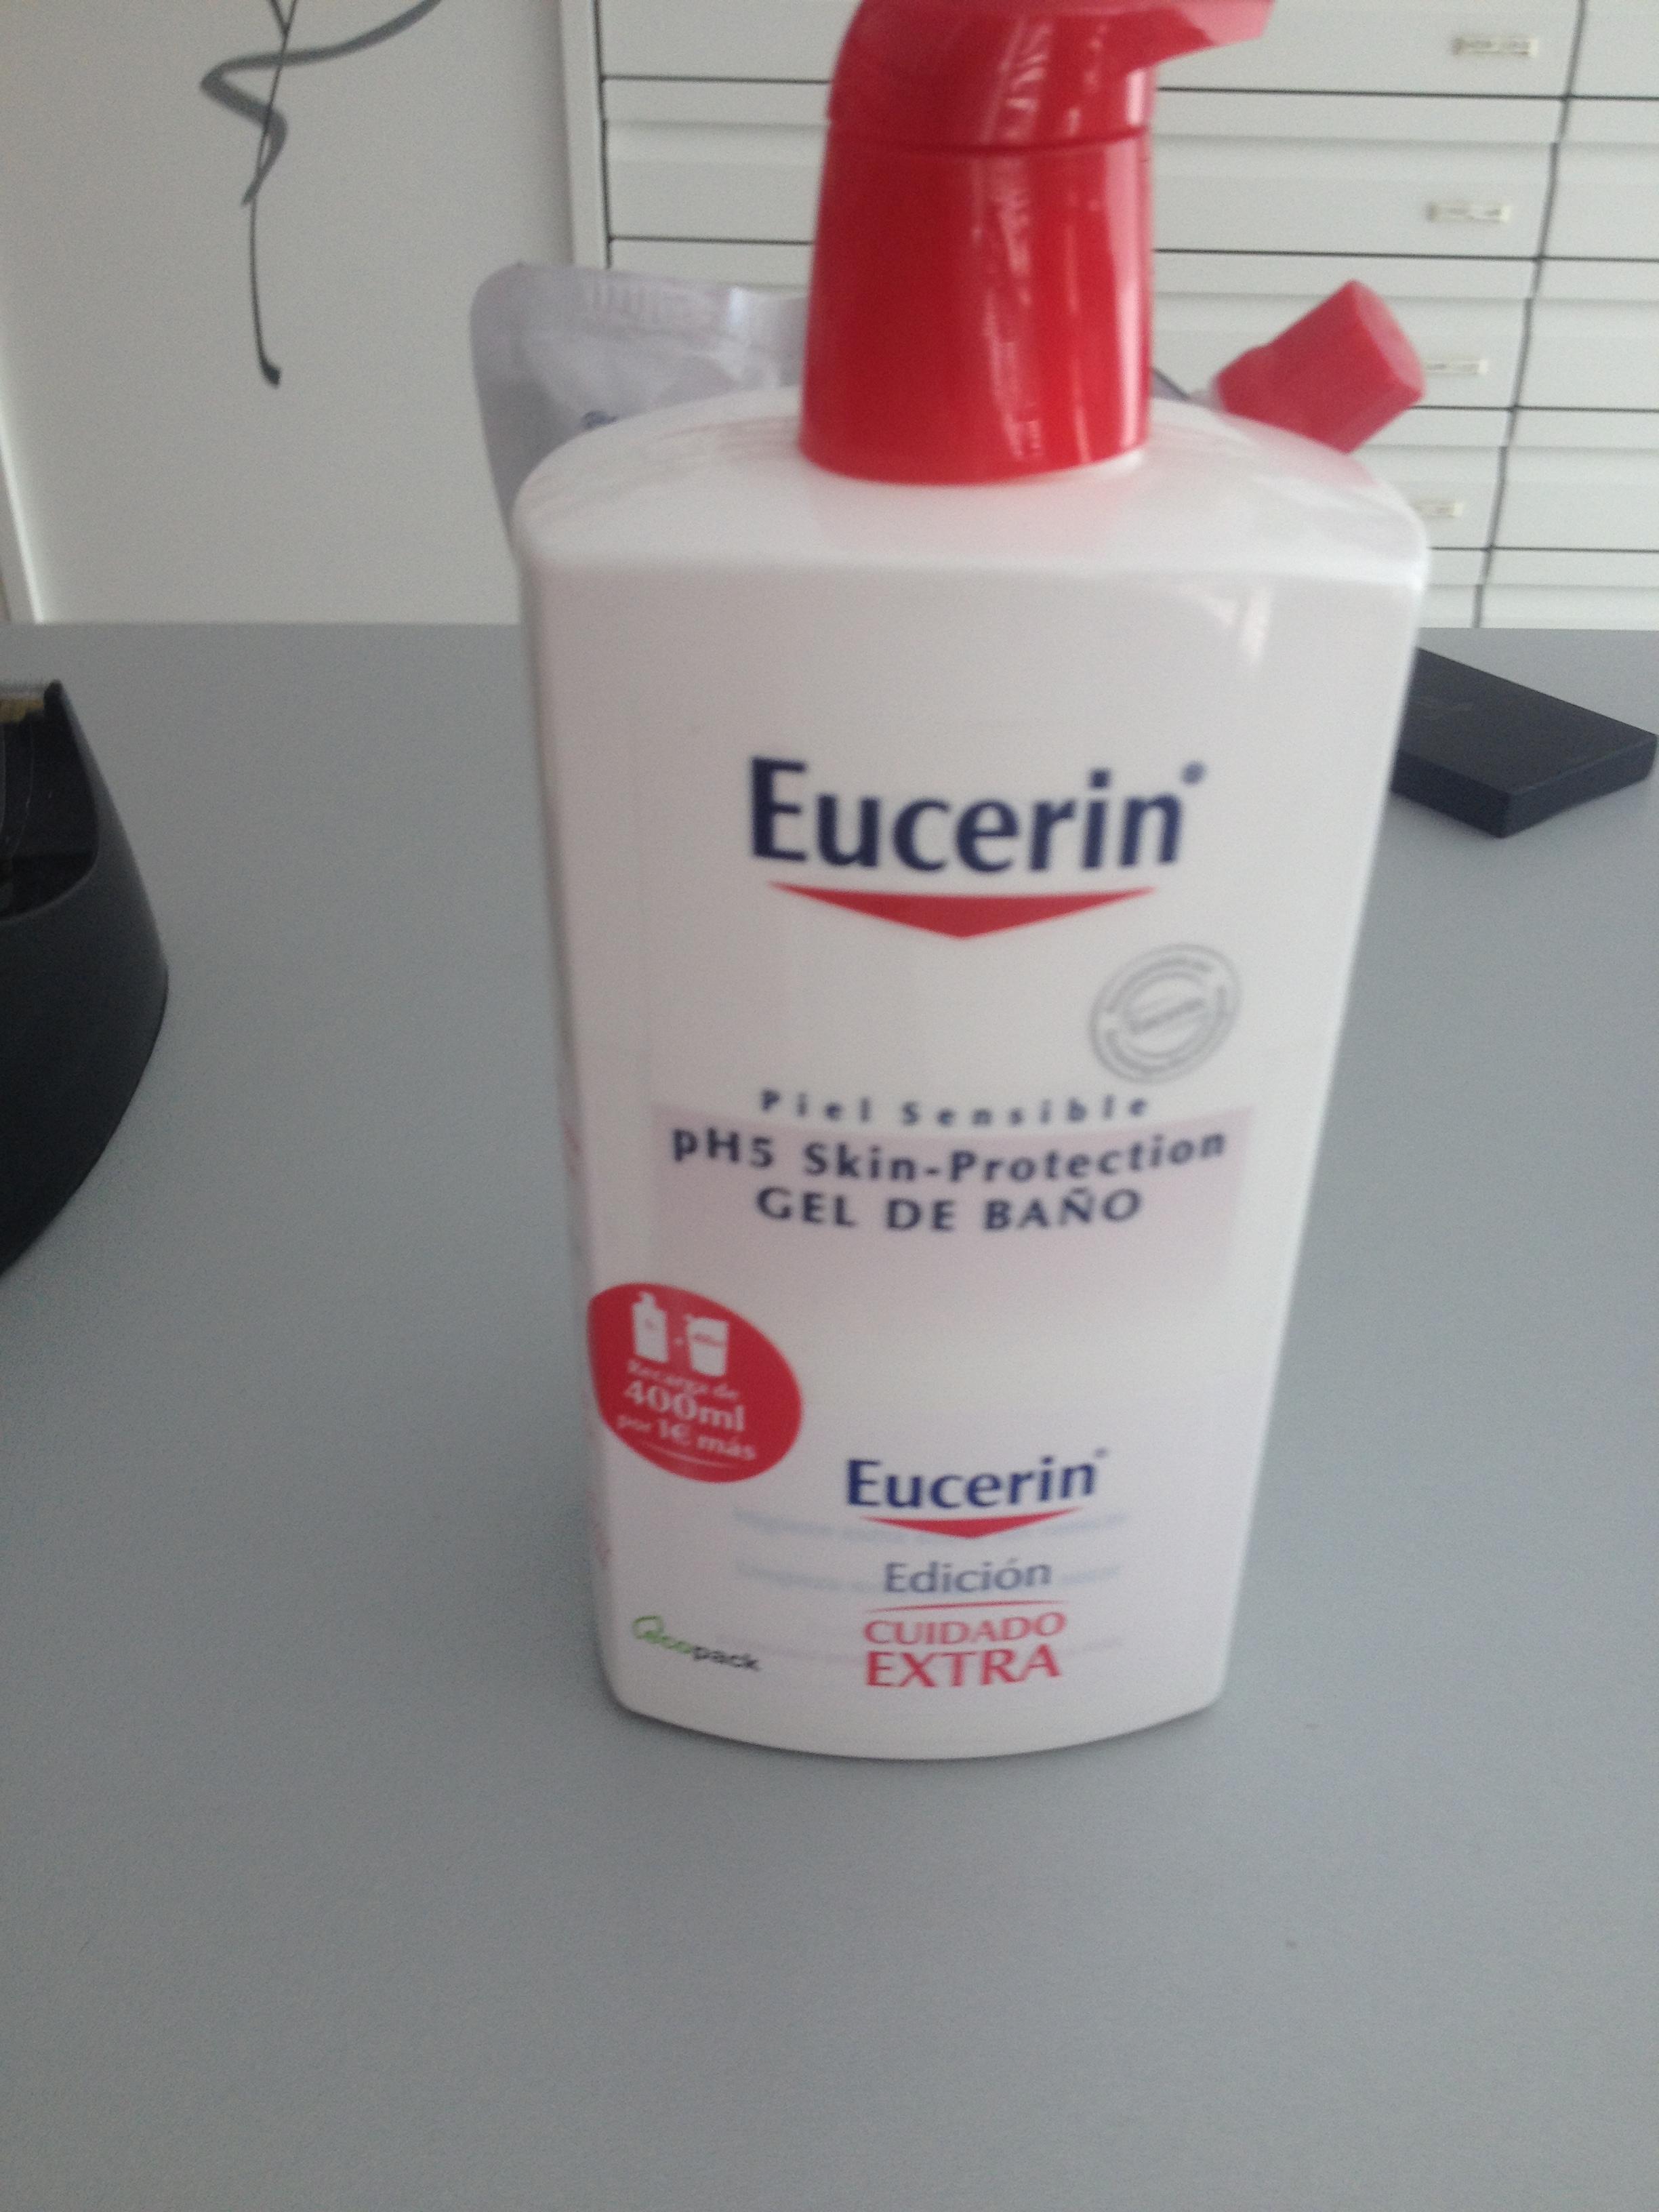 Farmacia sayalero legan s - Eucerin gel de bano ...